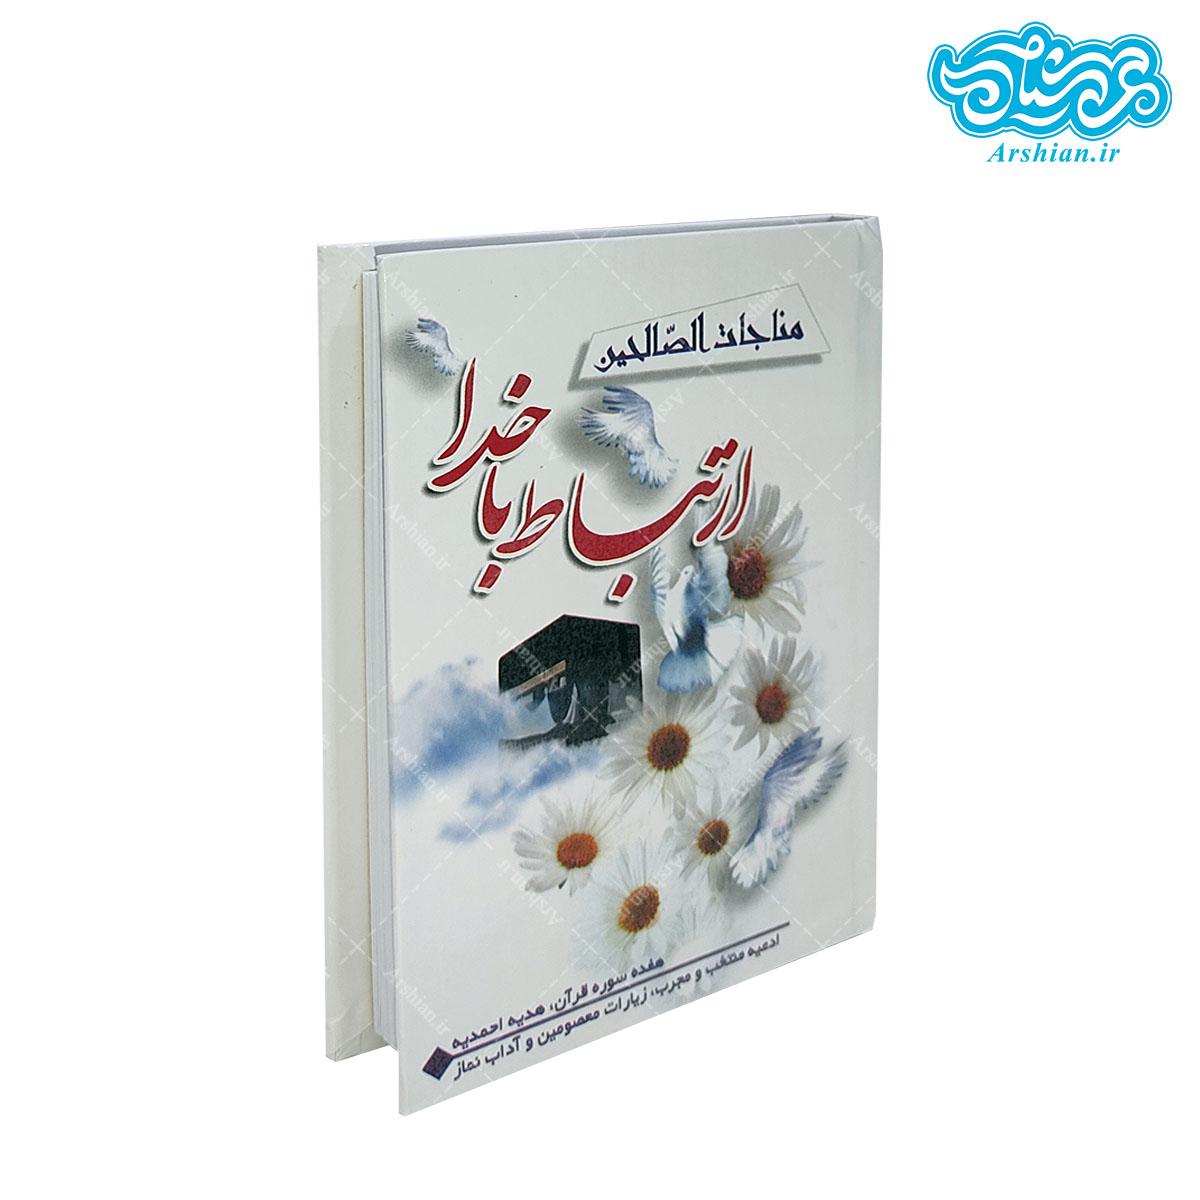 کتاب ارتباط باخدا (مناجات الصالحین) جلدسخت نیم جیبی